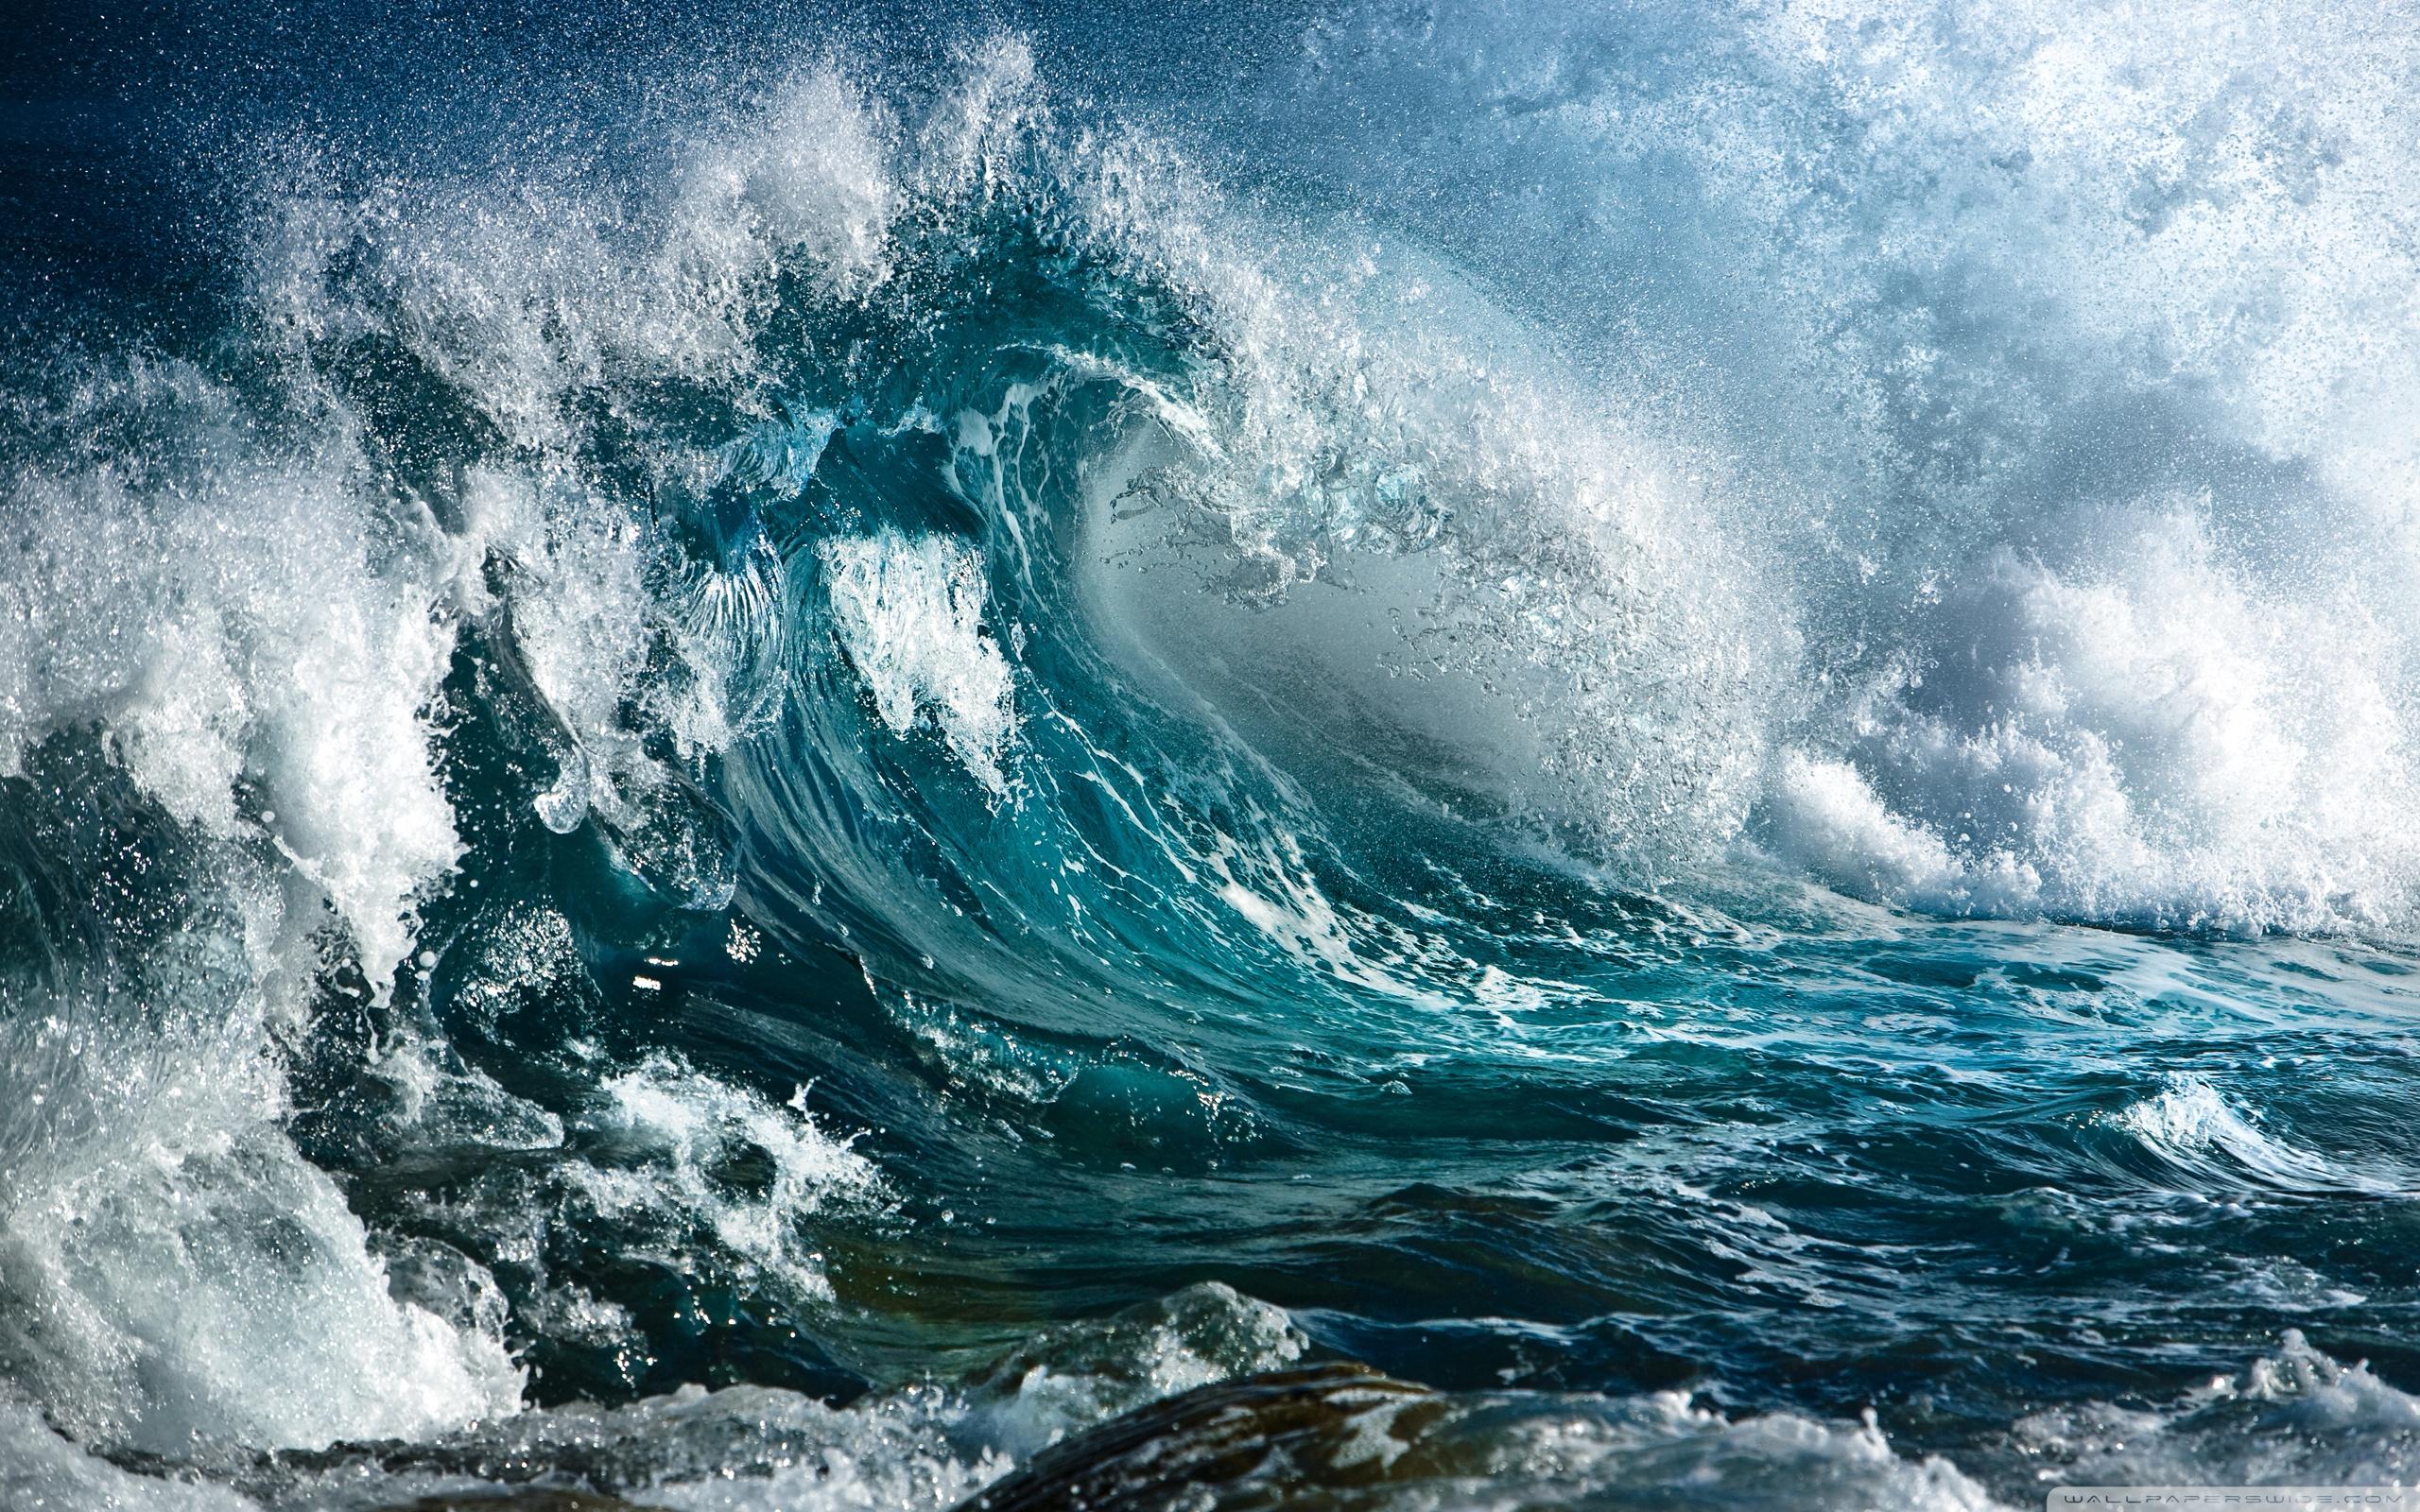 big_waves_at_sea-wallpaper-2560x1600.jpg